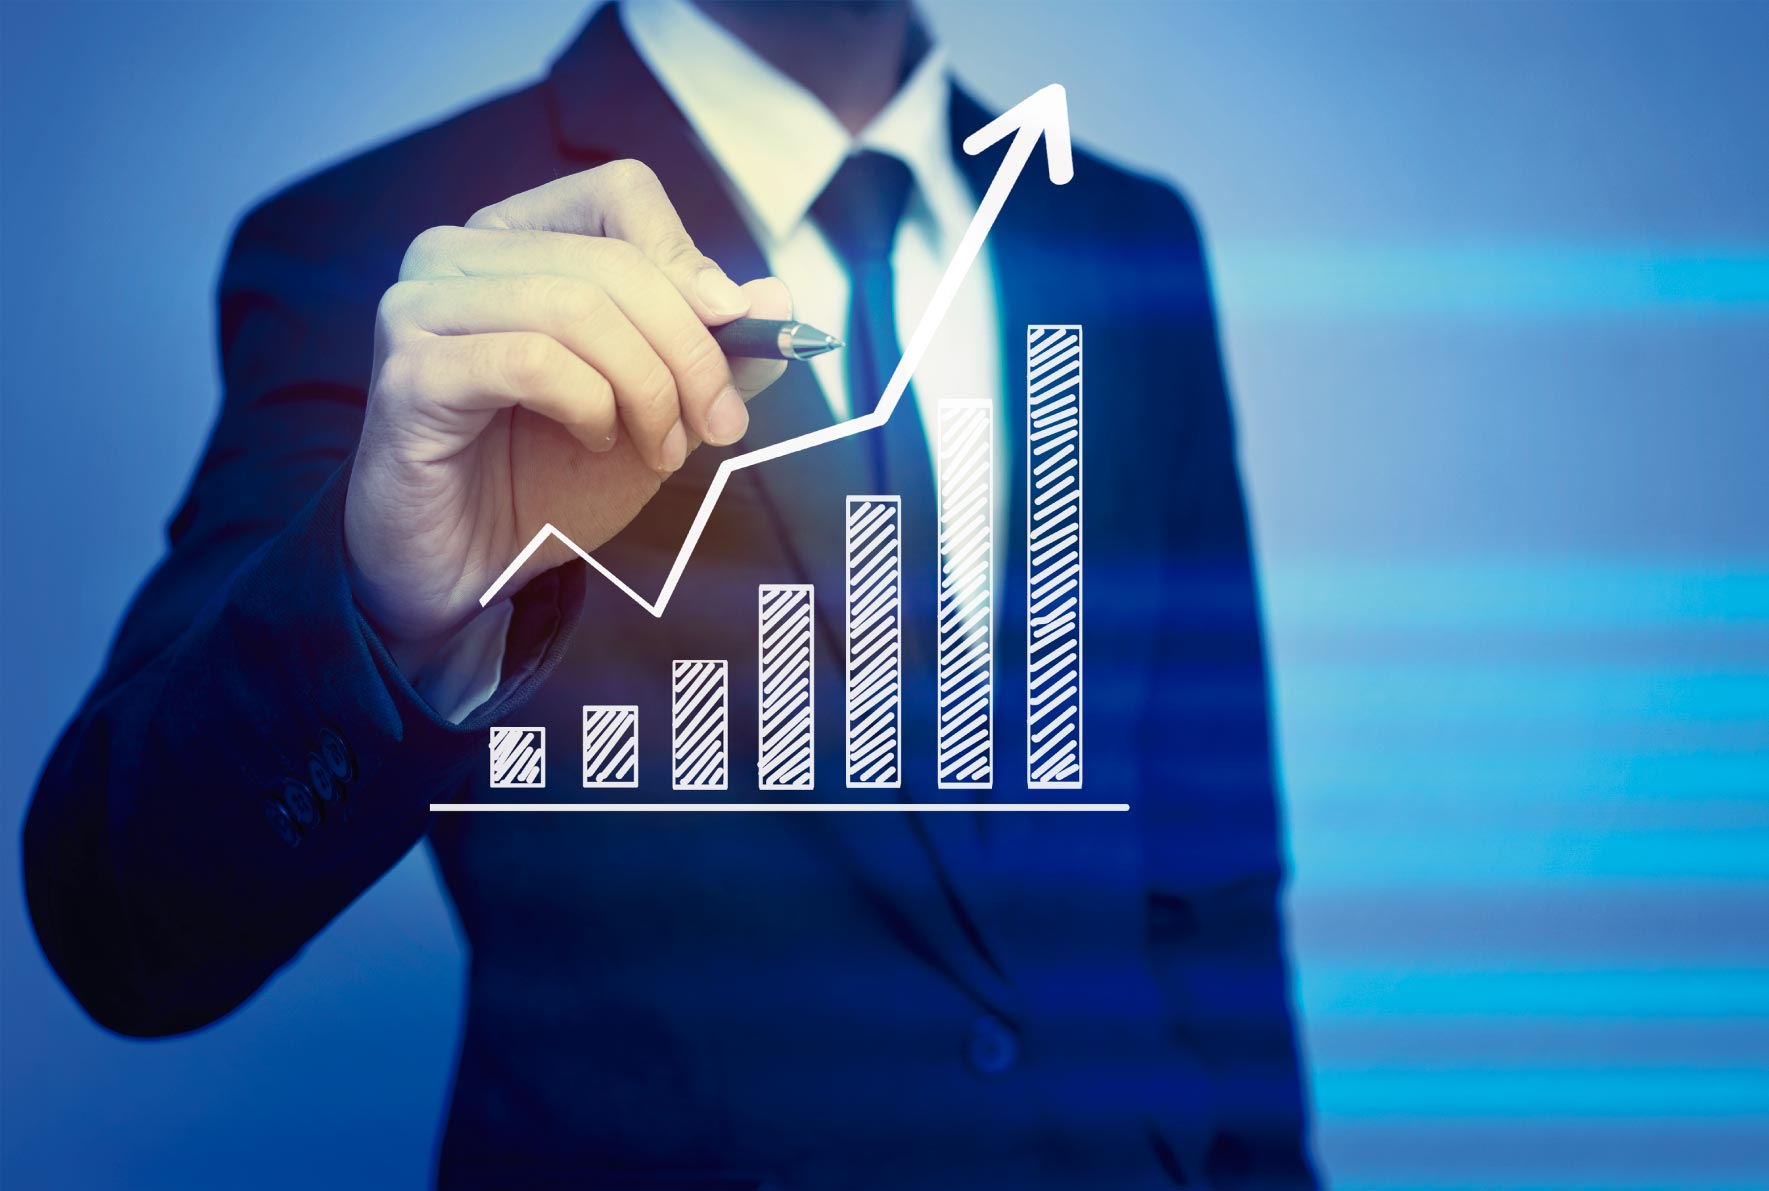 diferencias invertir bolsa e inversion colectiva - circulantis